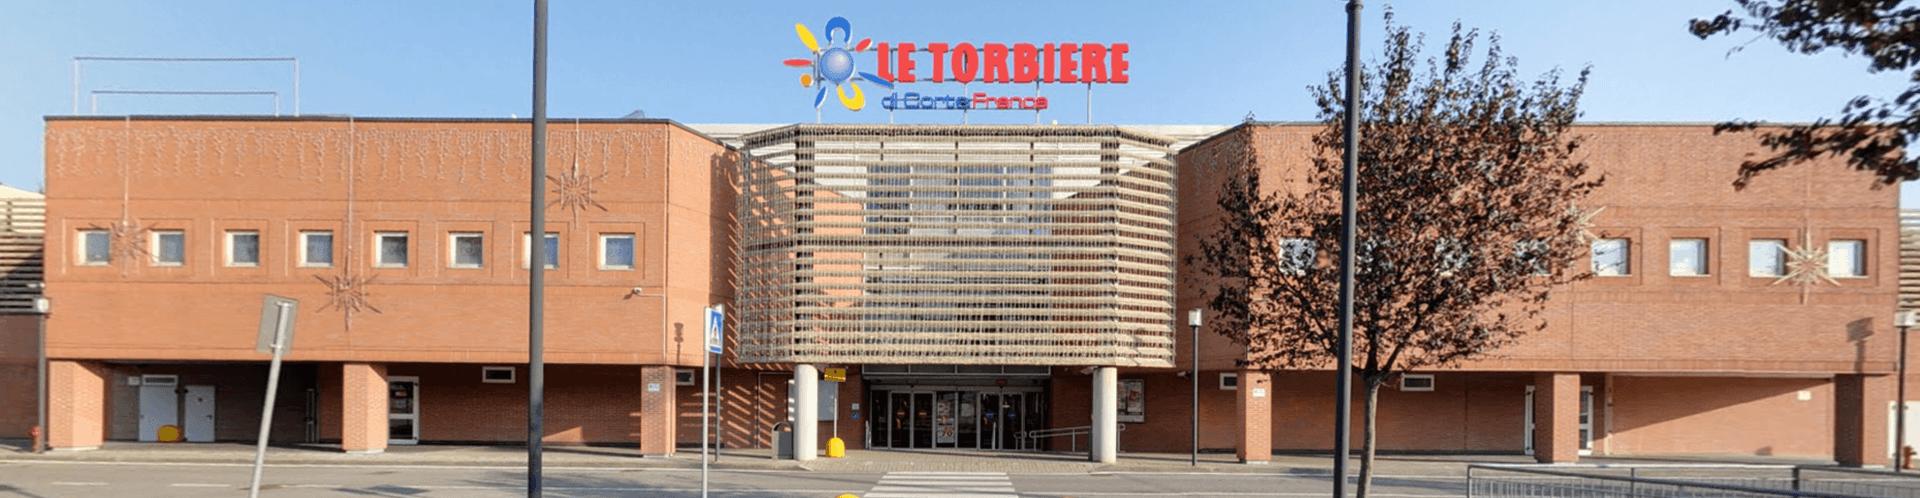 CENTRO COMMERCIALE LE TORBIERE